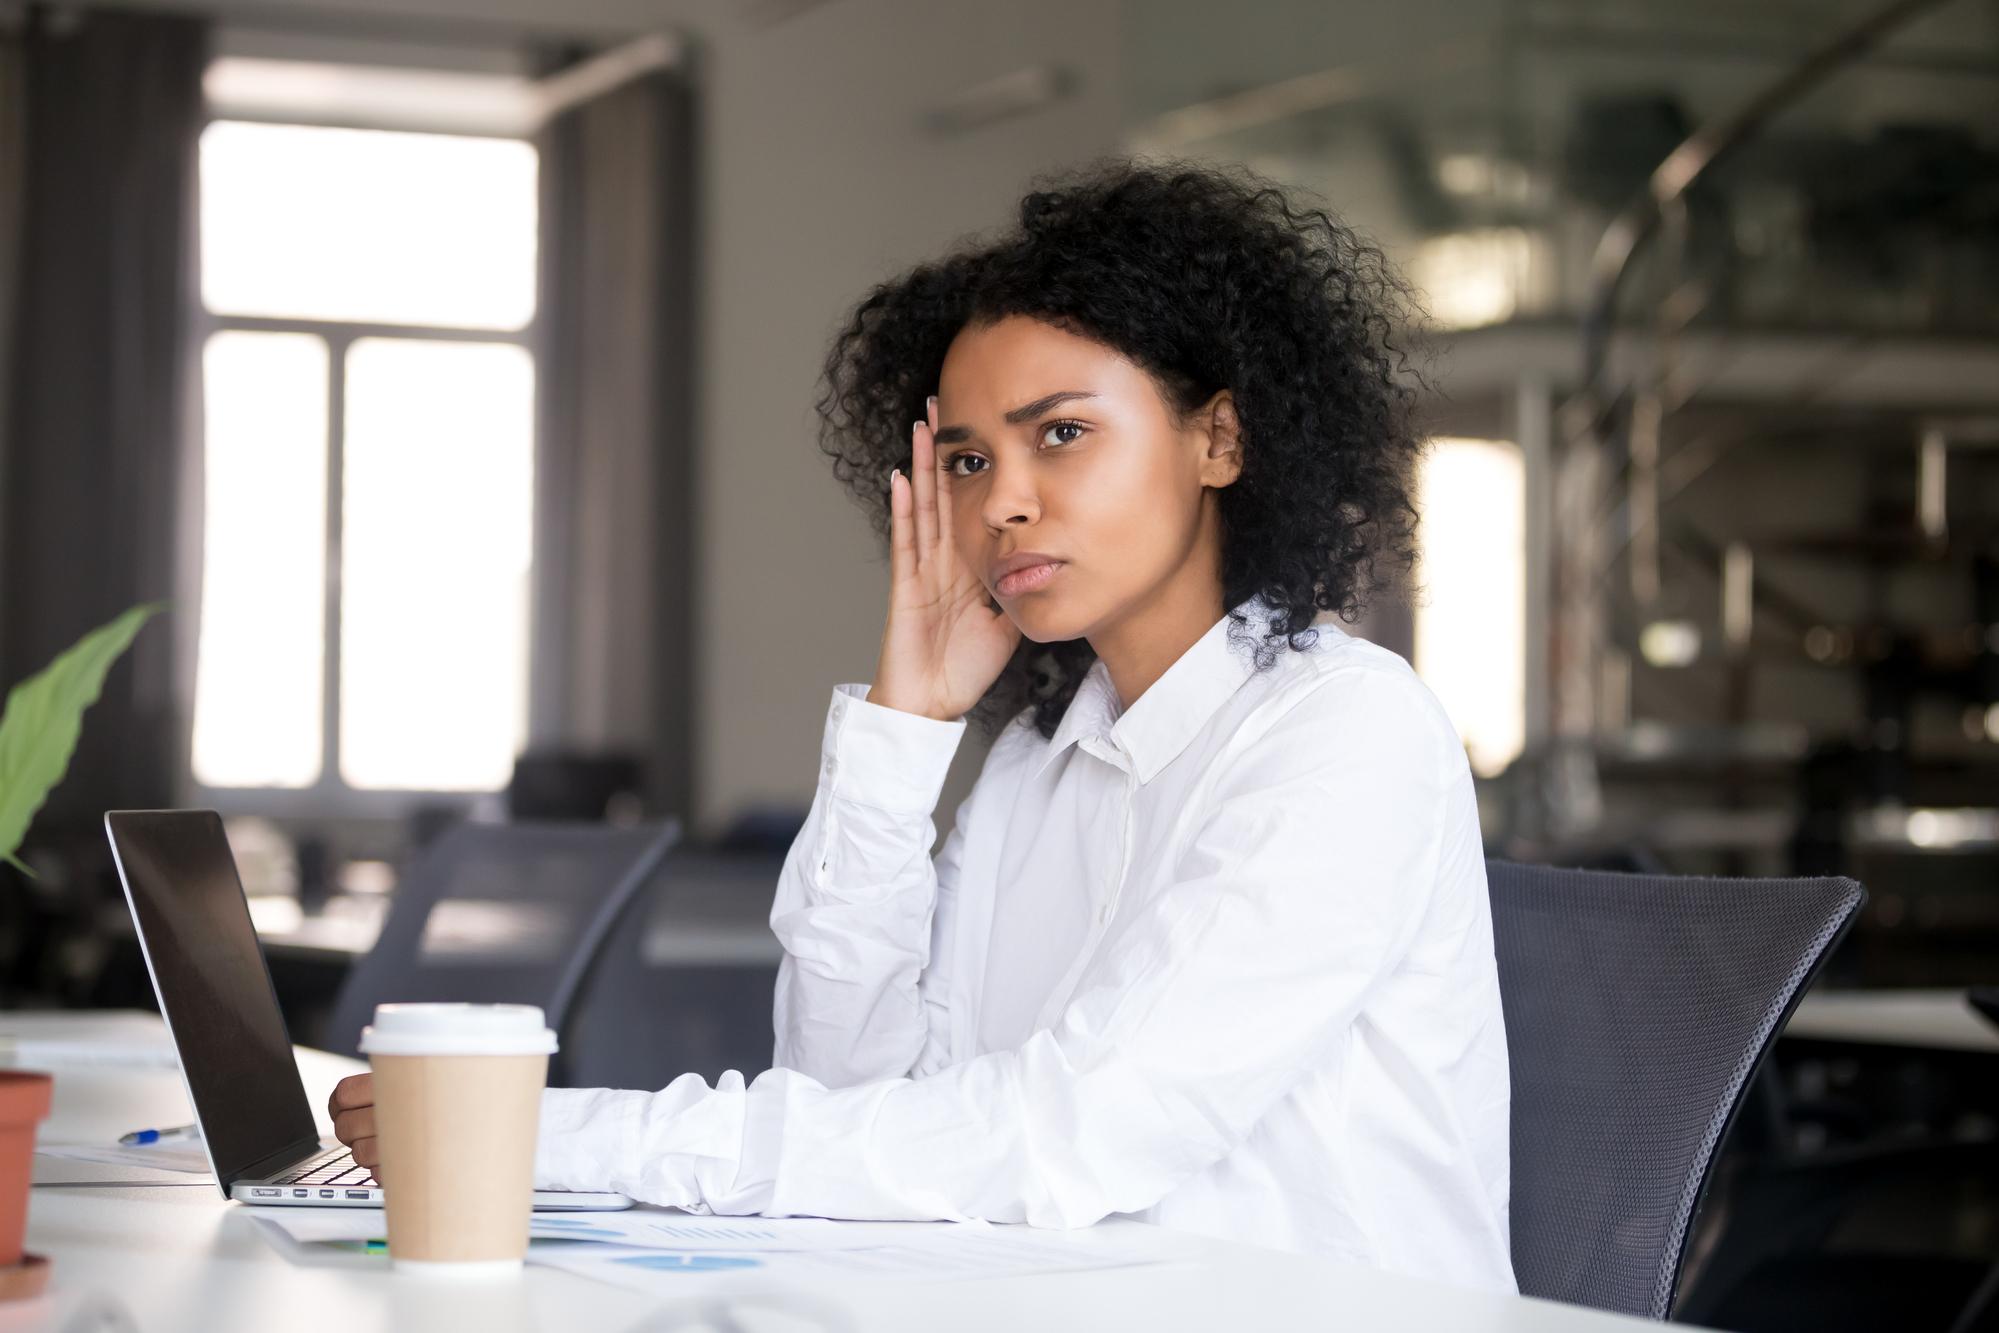 Síndrome de Burnout: os 12 estágios do esgotamento mental